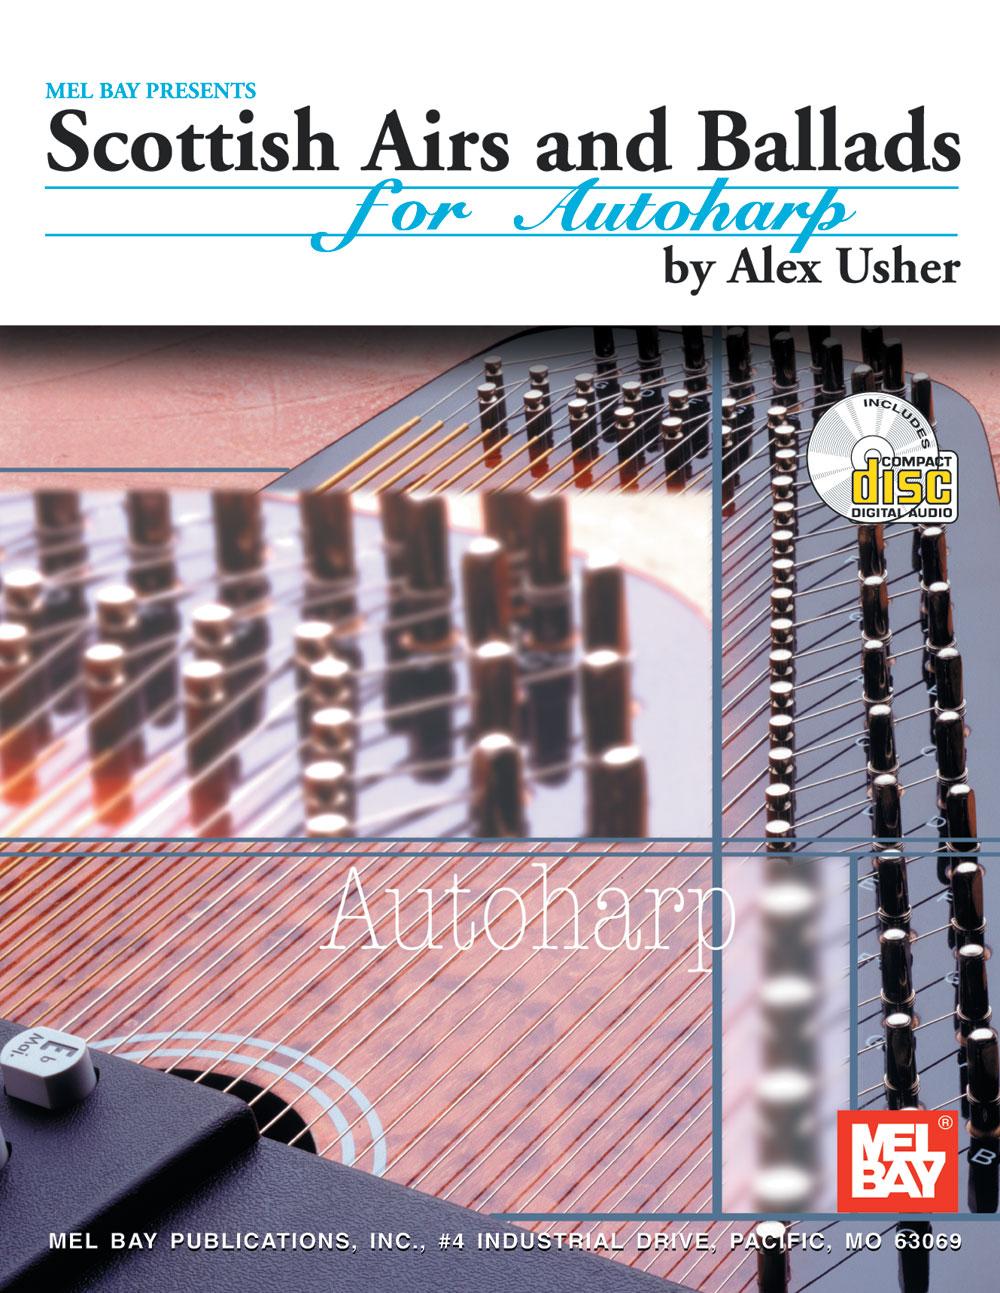 Scottish Airs and Ballads (Bk/CD) - Autoharp